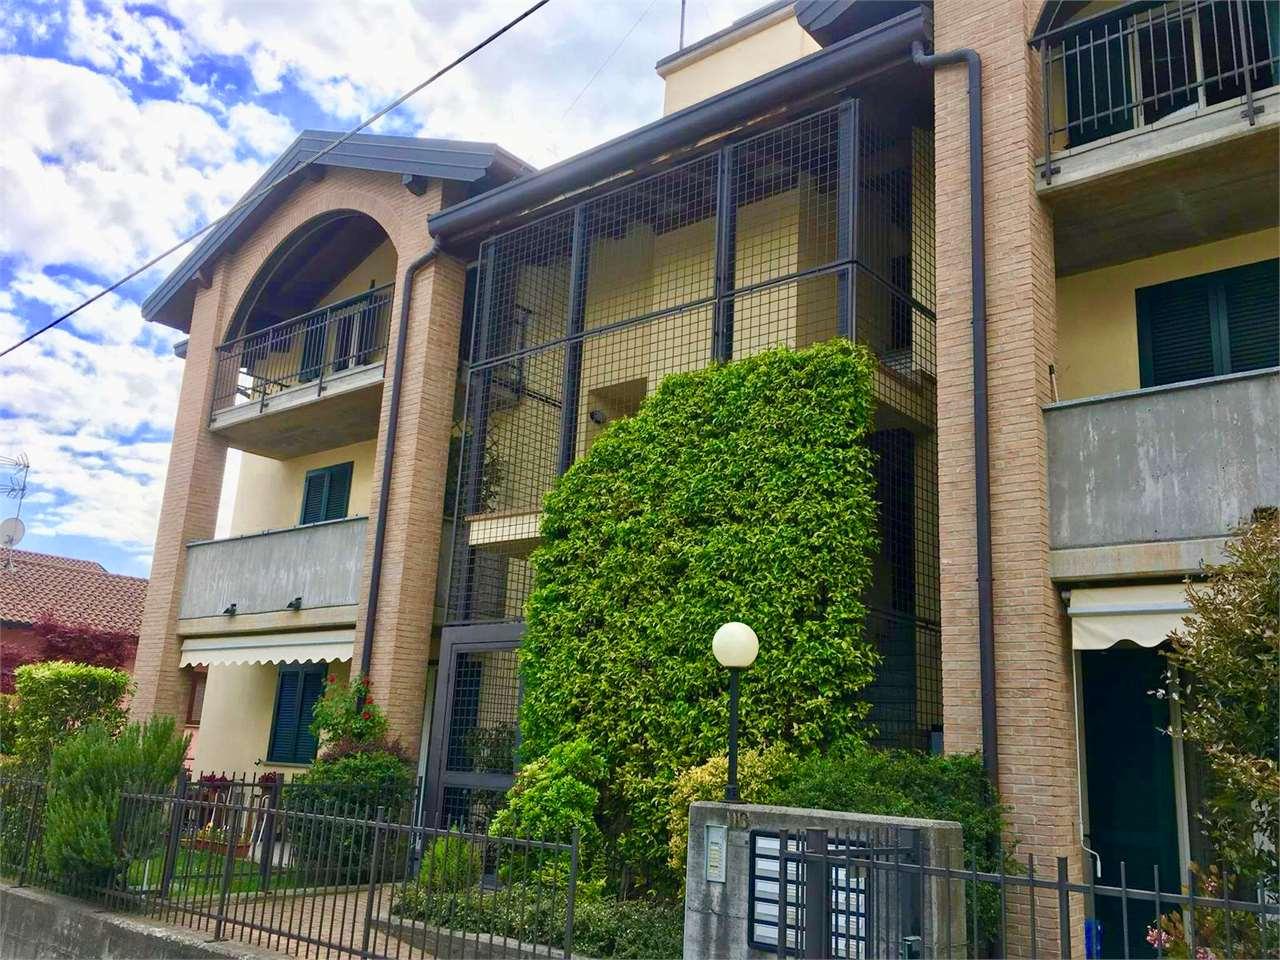 Appartamento in vendita a Sesto Calende, 3 locali, prezzo € 195.000 | CambioCasa.it